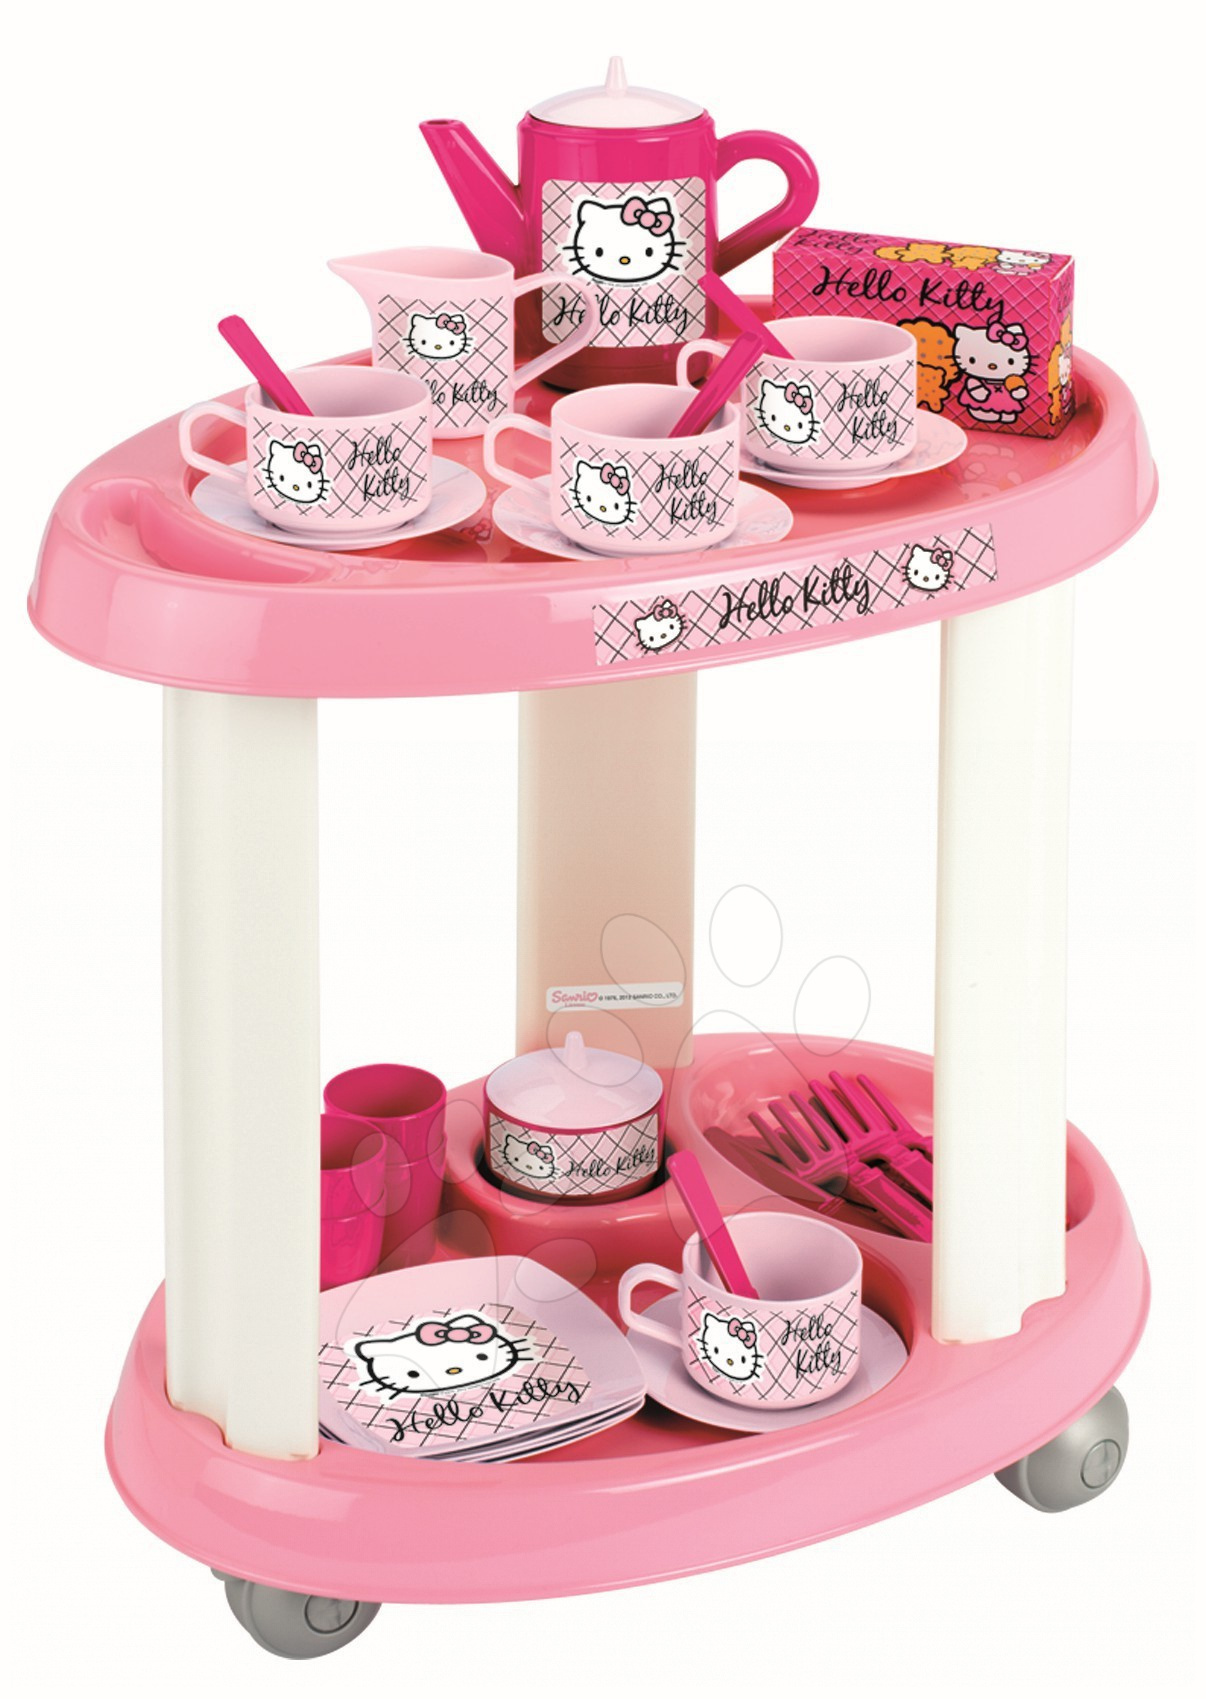 Régi termékek - Zsúrkocsi  Hello Kitty Écoiffier teás szettel, 35 kiegészítővel 18 hó-tól